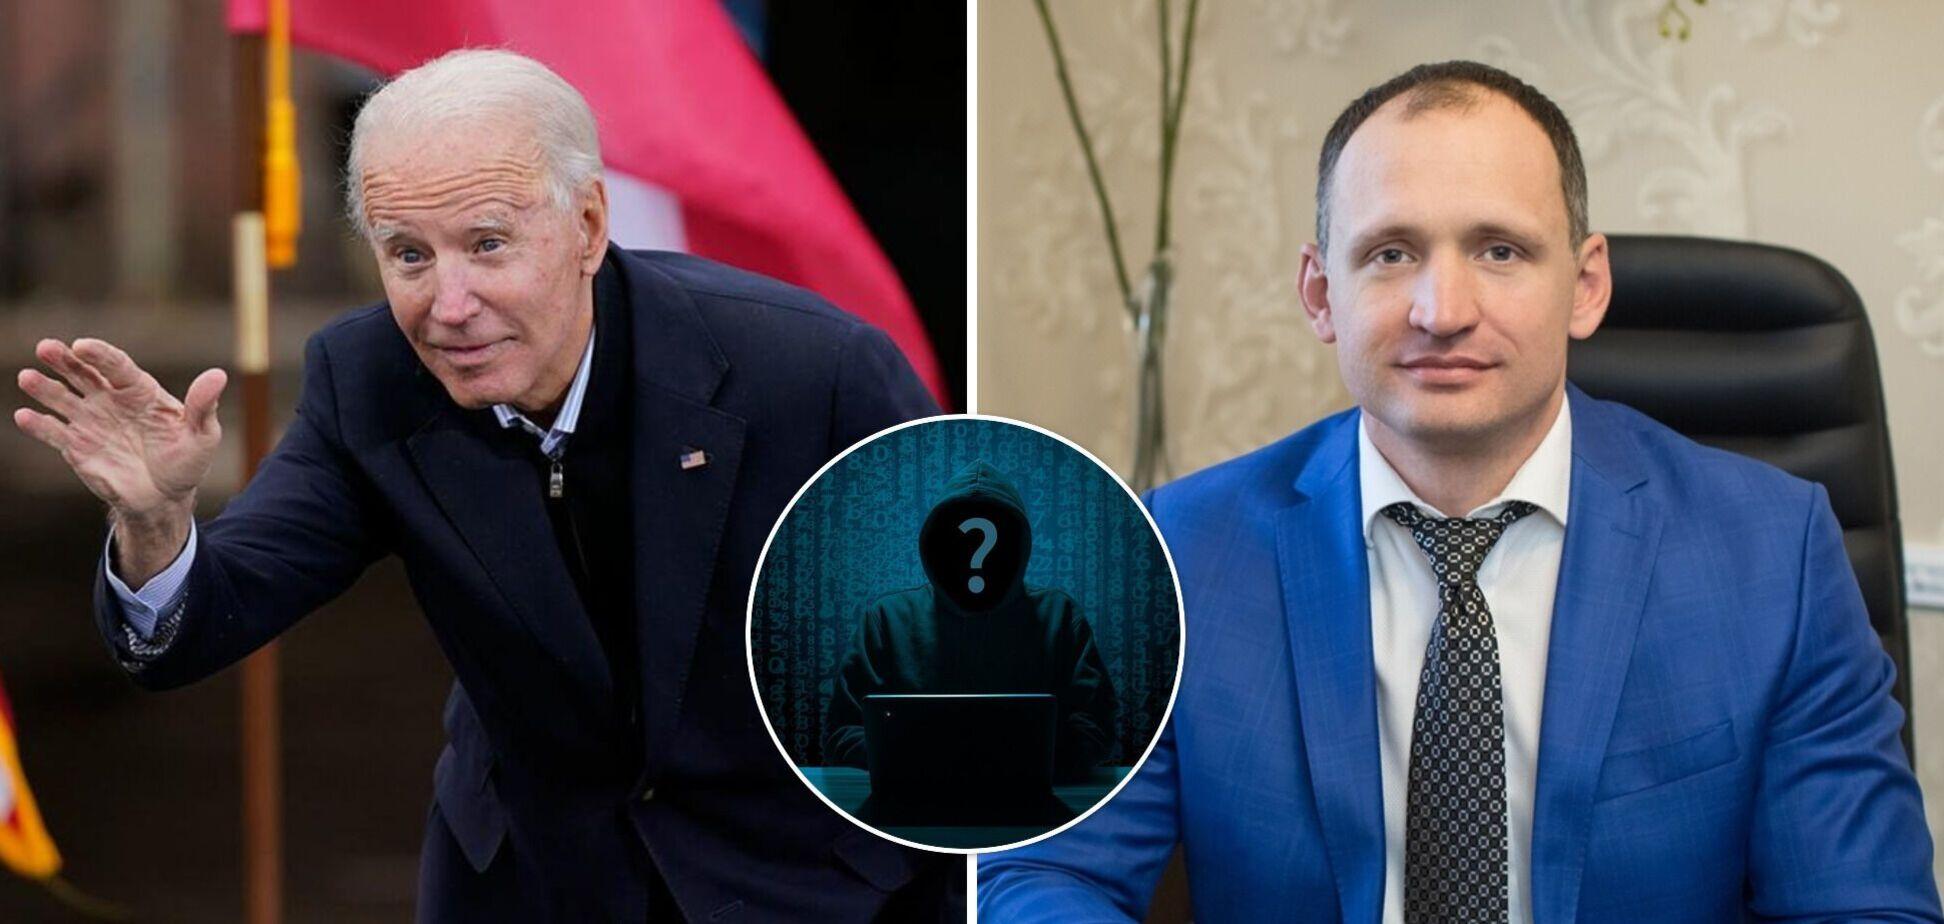 Хакерская атака высокого уровня: как подпись Joe Biden появилась под петицией об увольнении Татарова